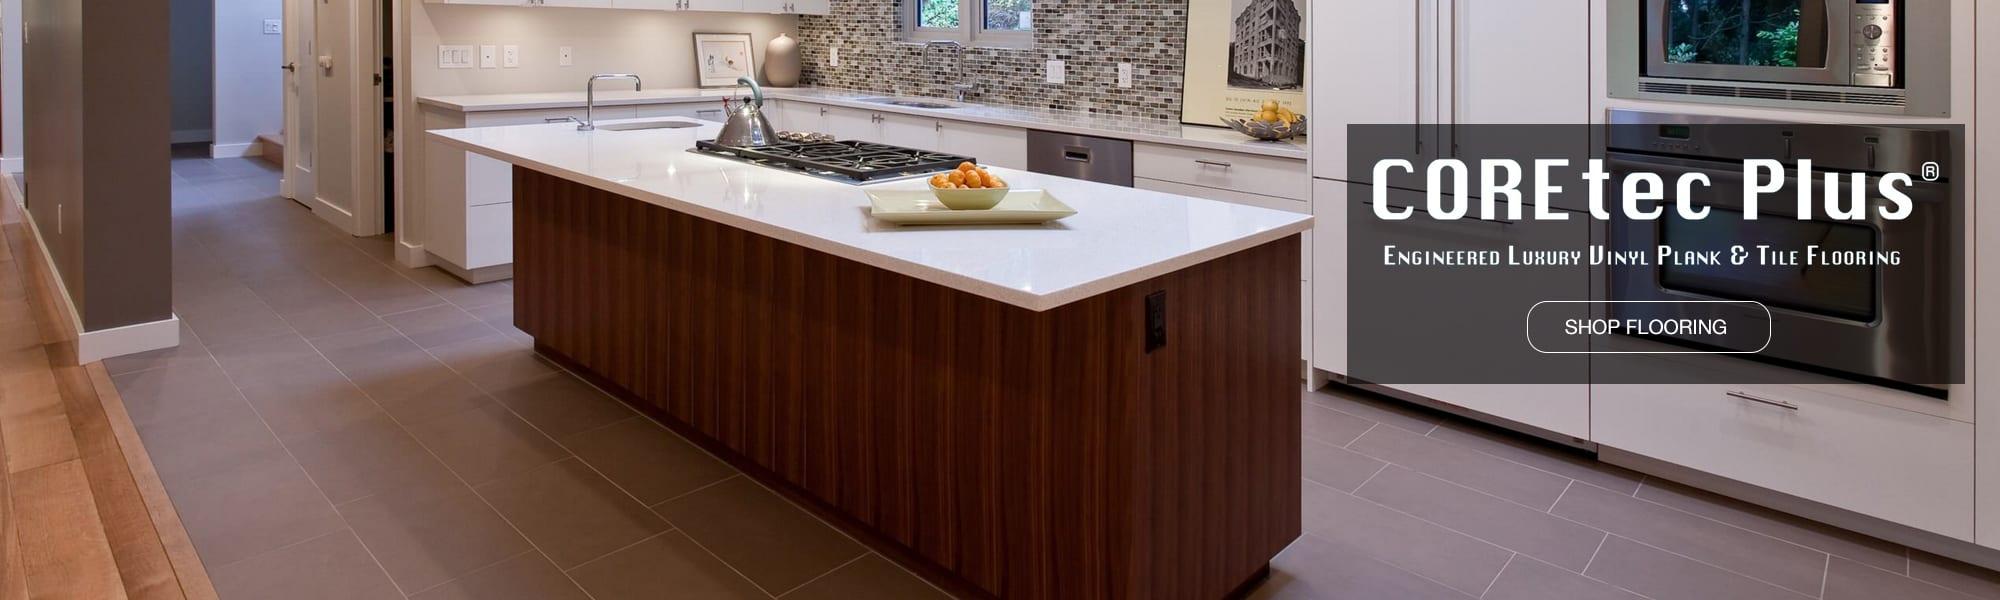 CoreTec Plus HD Flooring